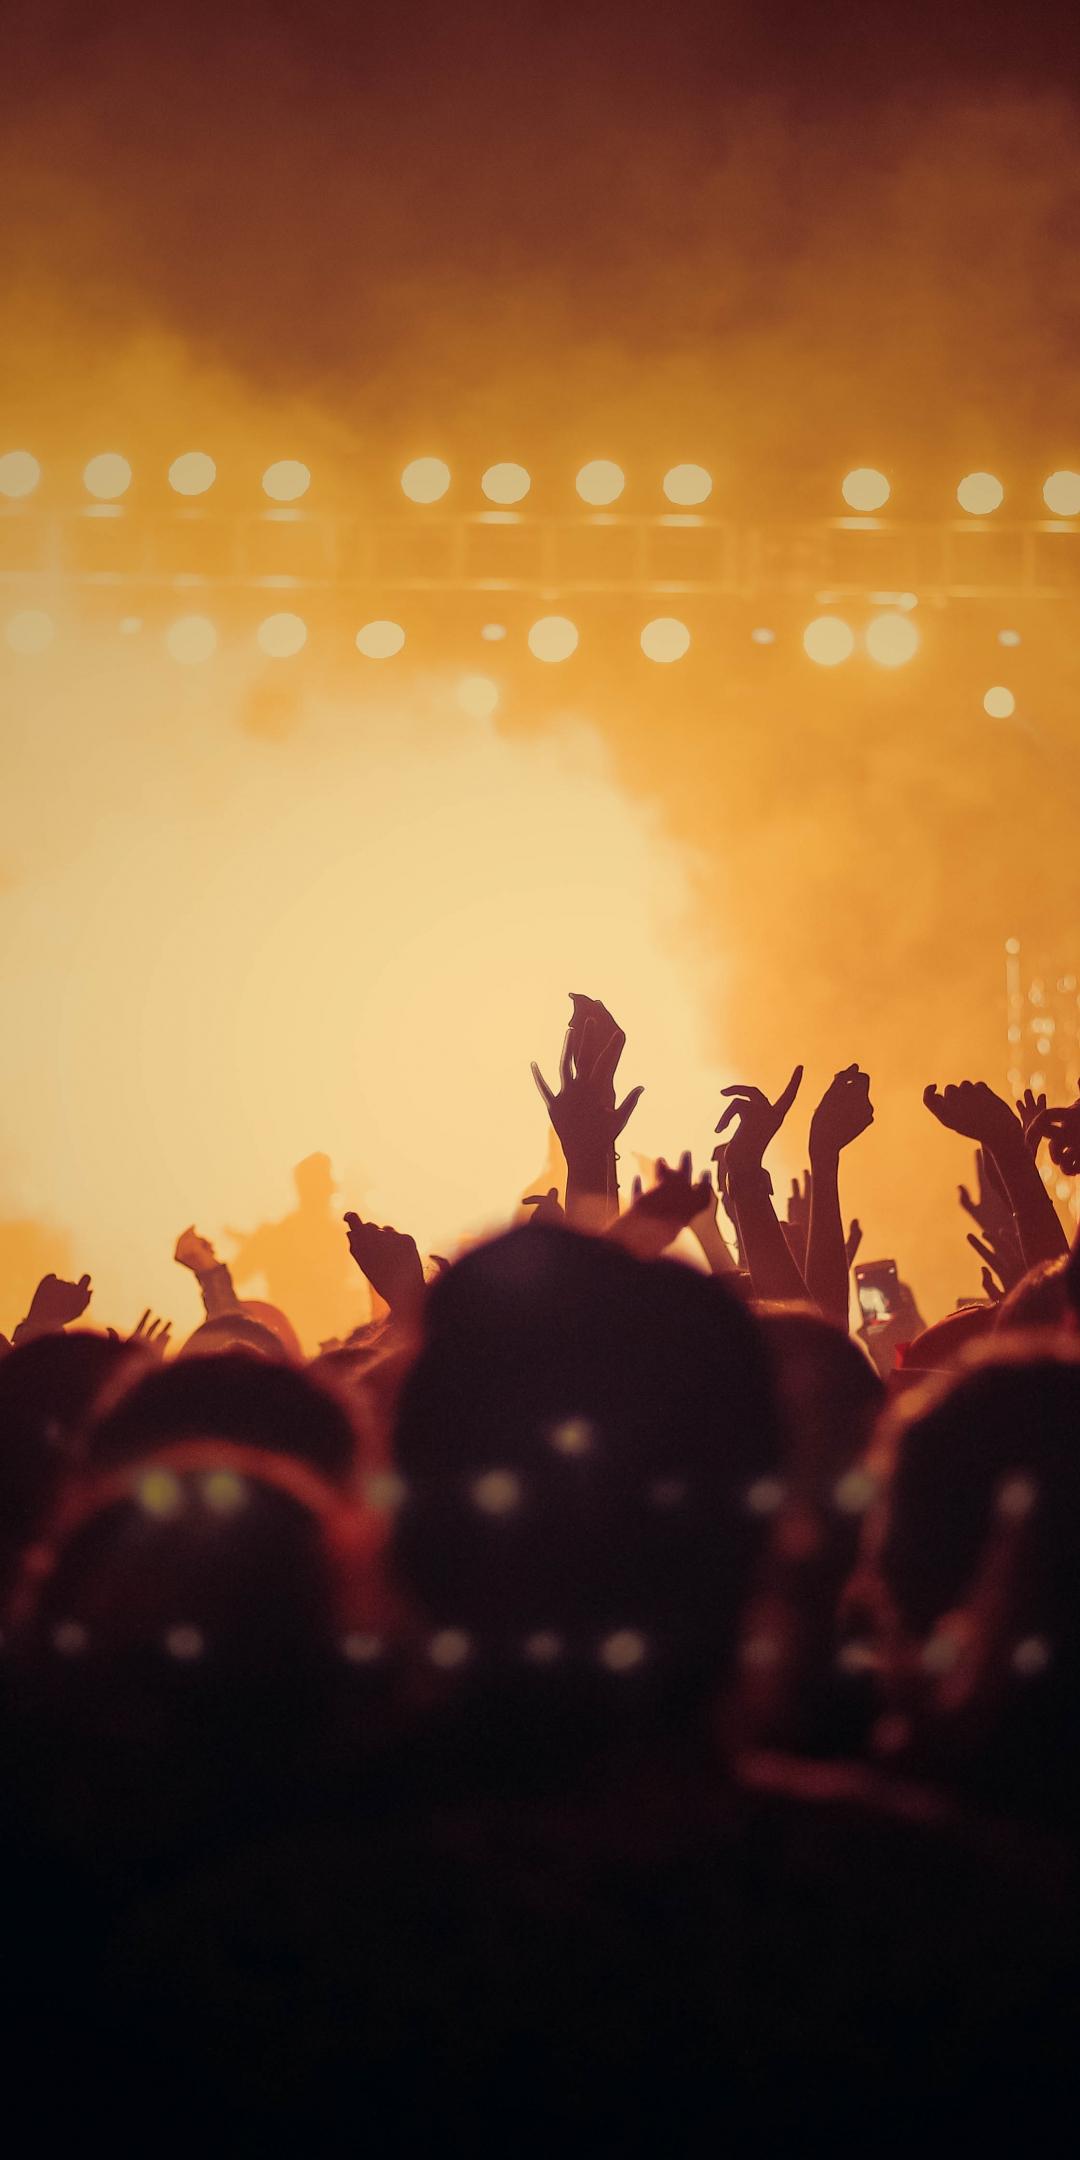 Concert, hands up, joy, dark, party, 1080x2160 wallpaper